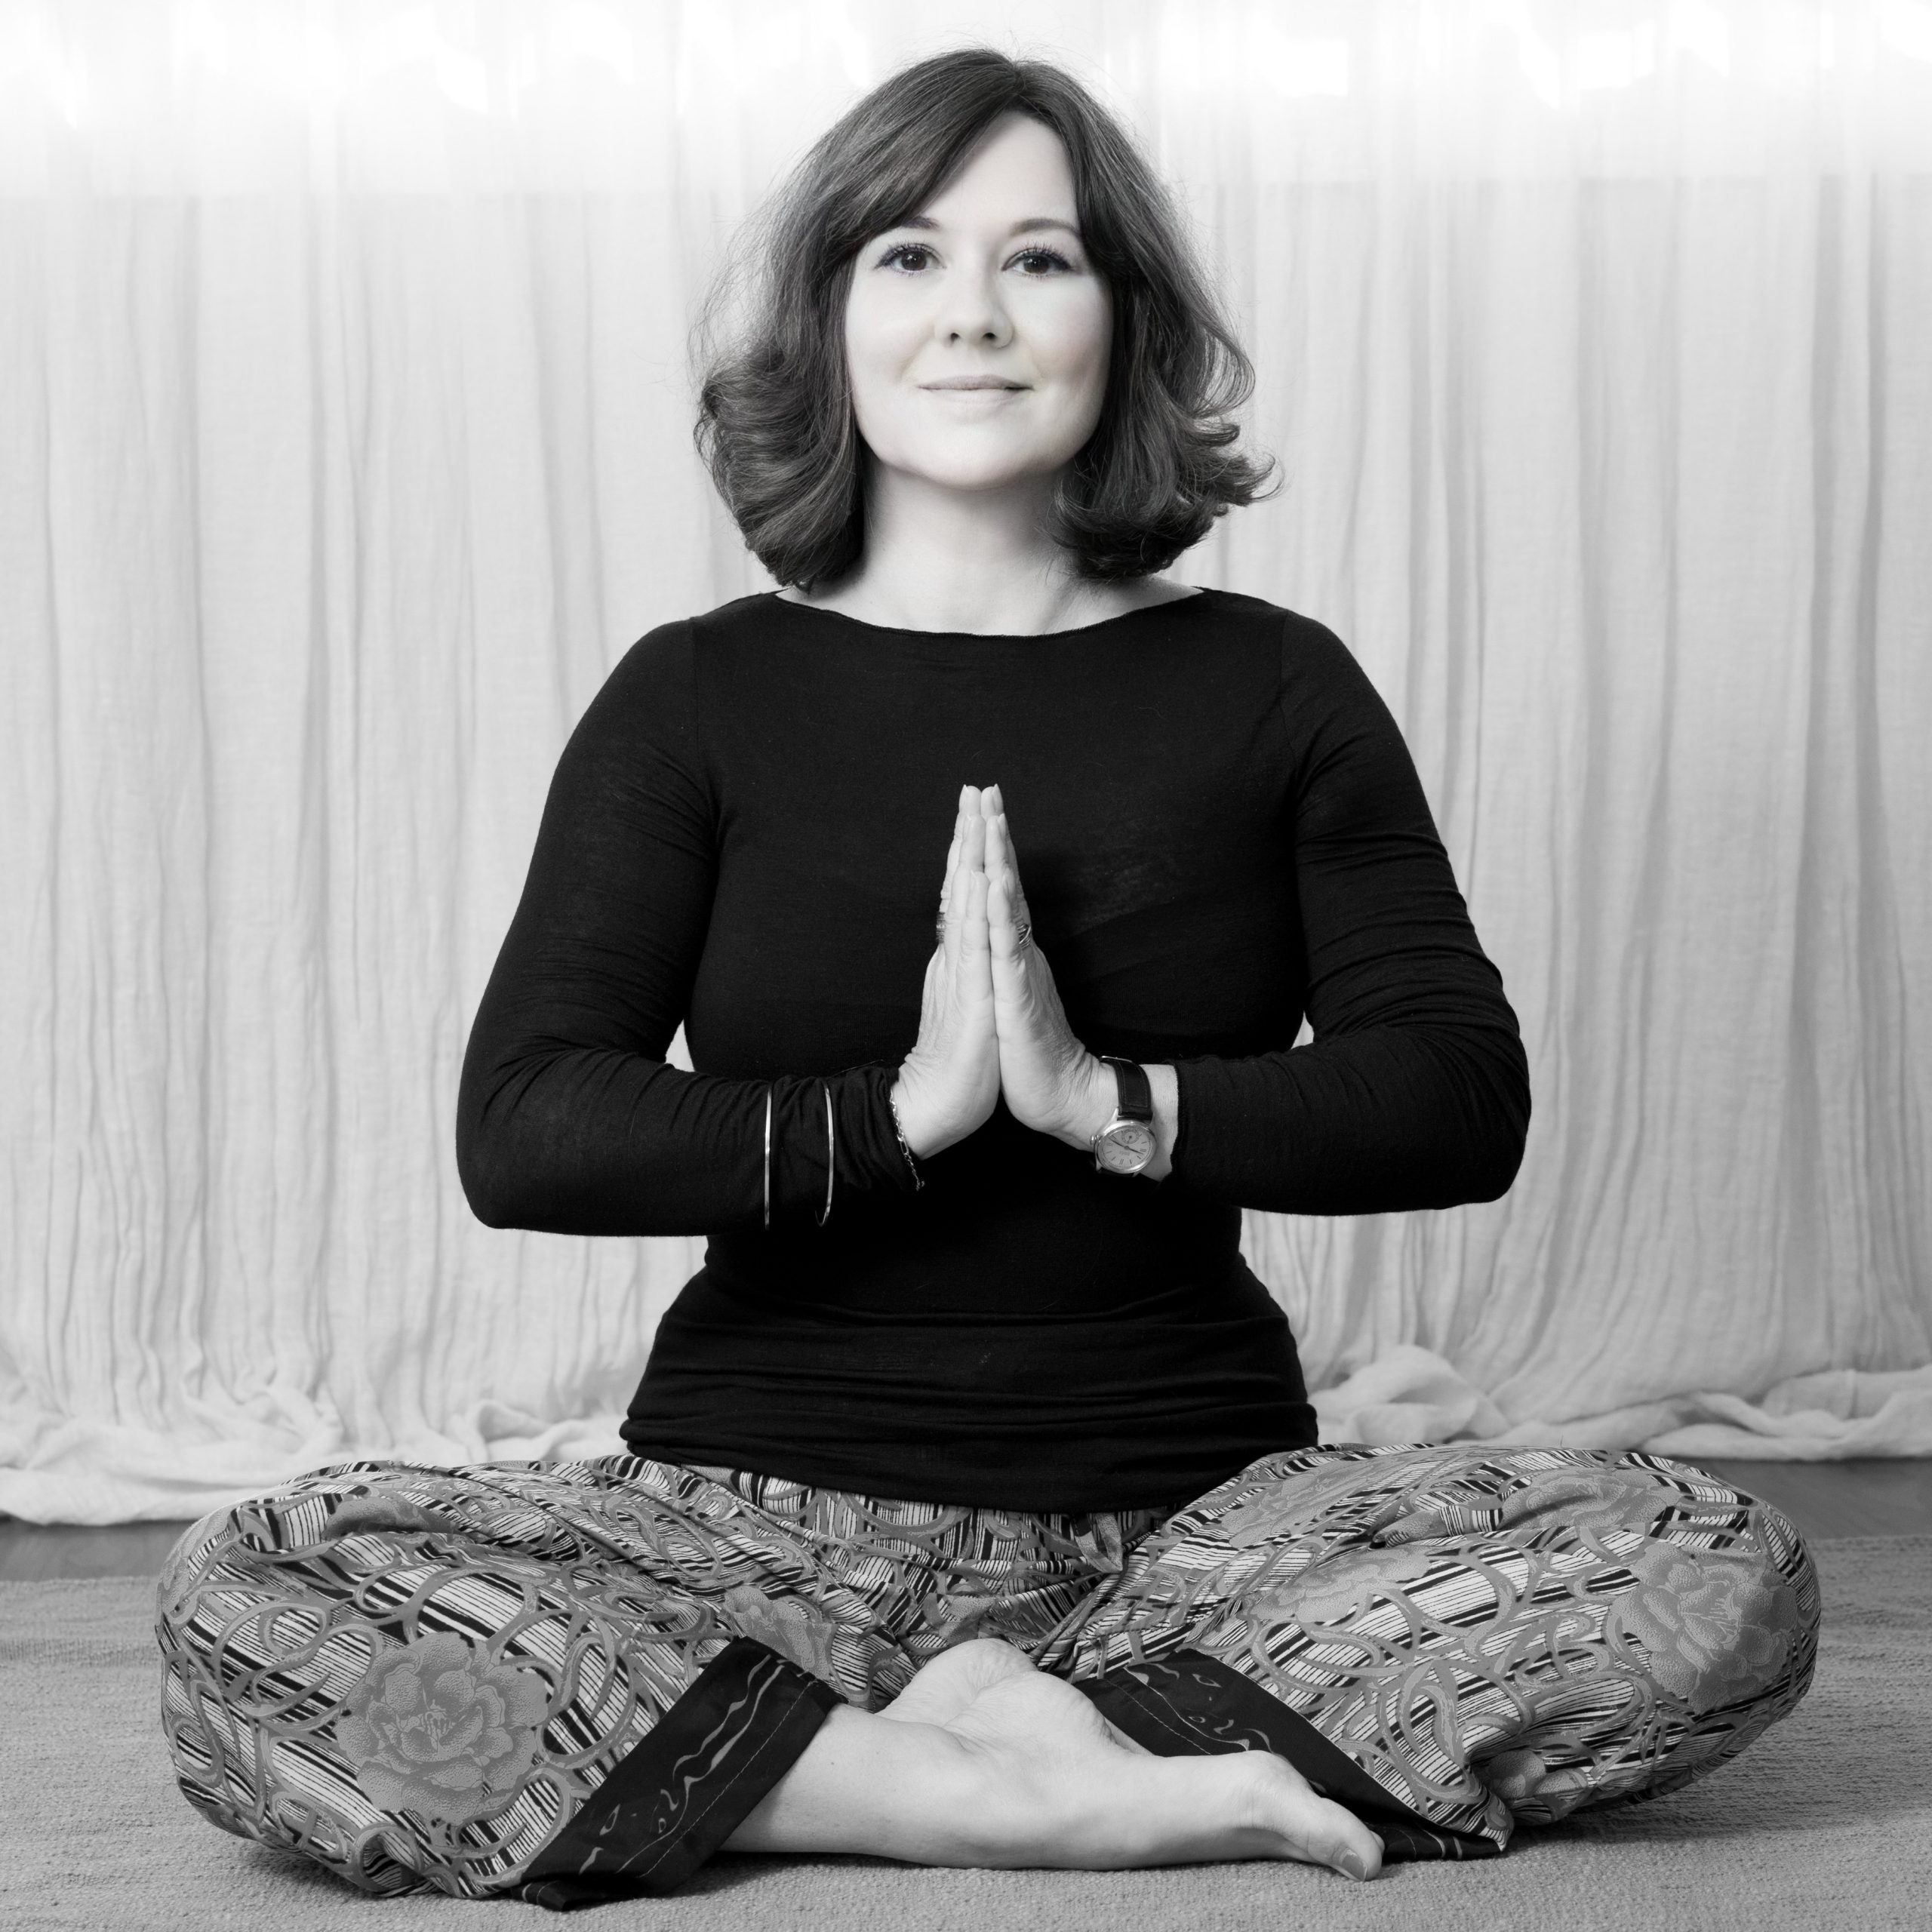 Elena Graziadei pilates yoga meditazione EQUIM